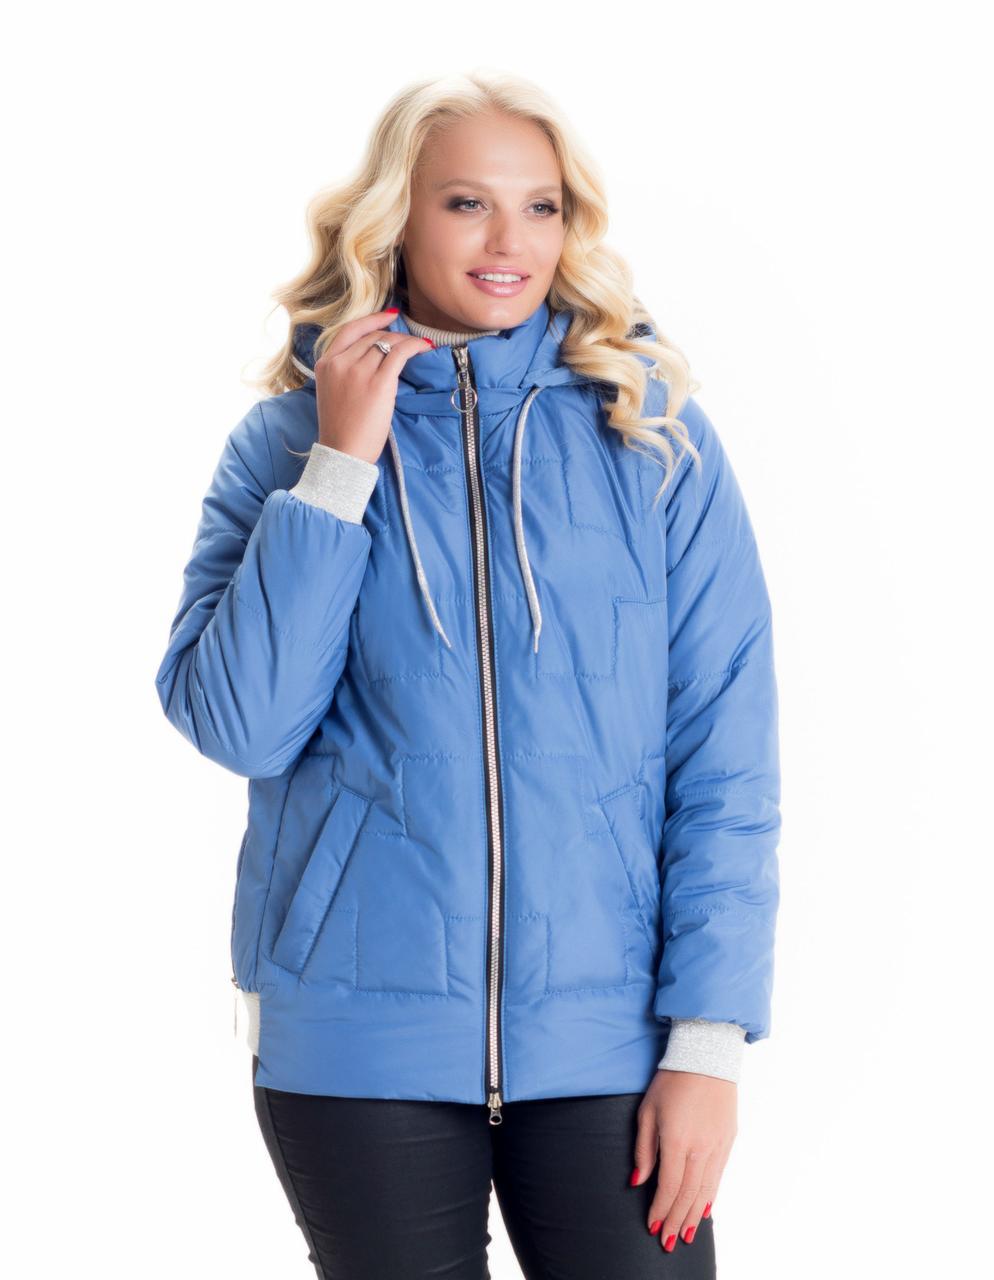 Женская куртка от производителя демисезонная